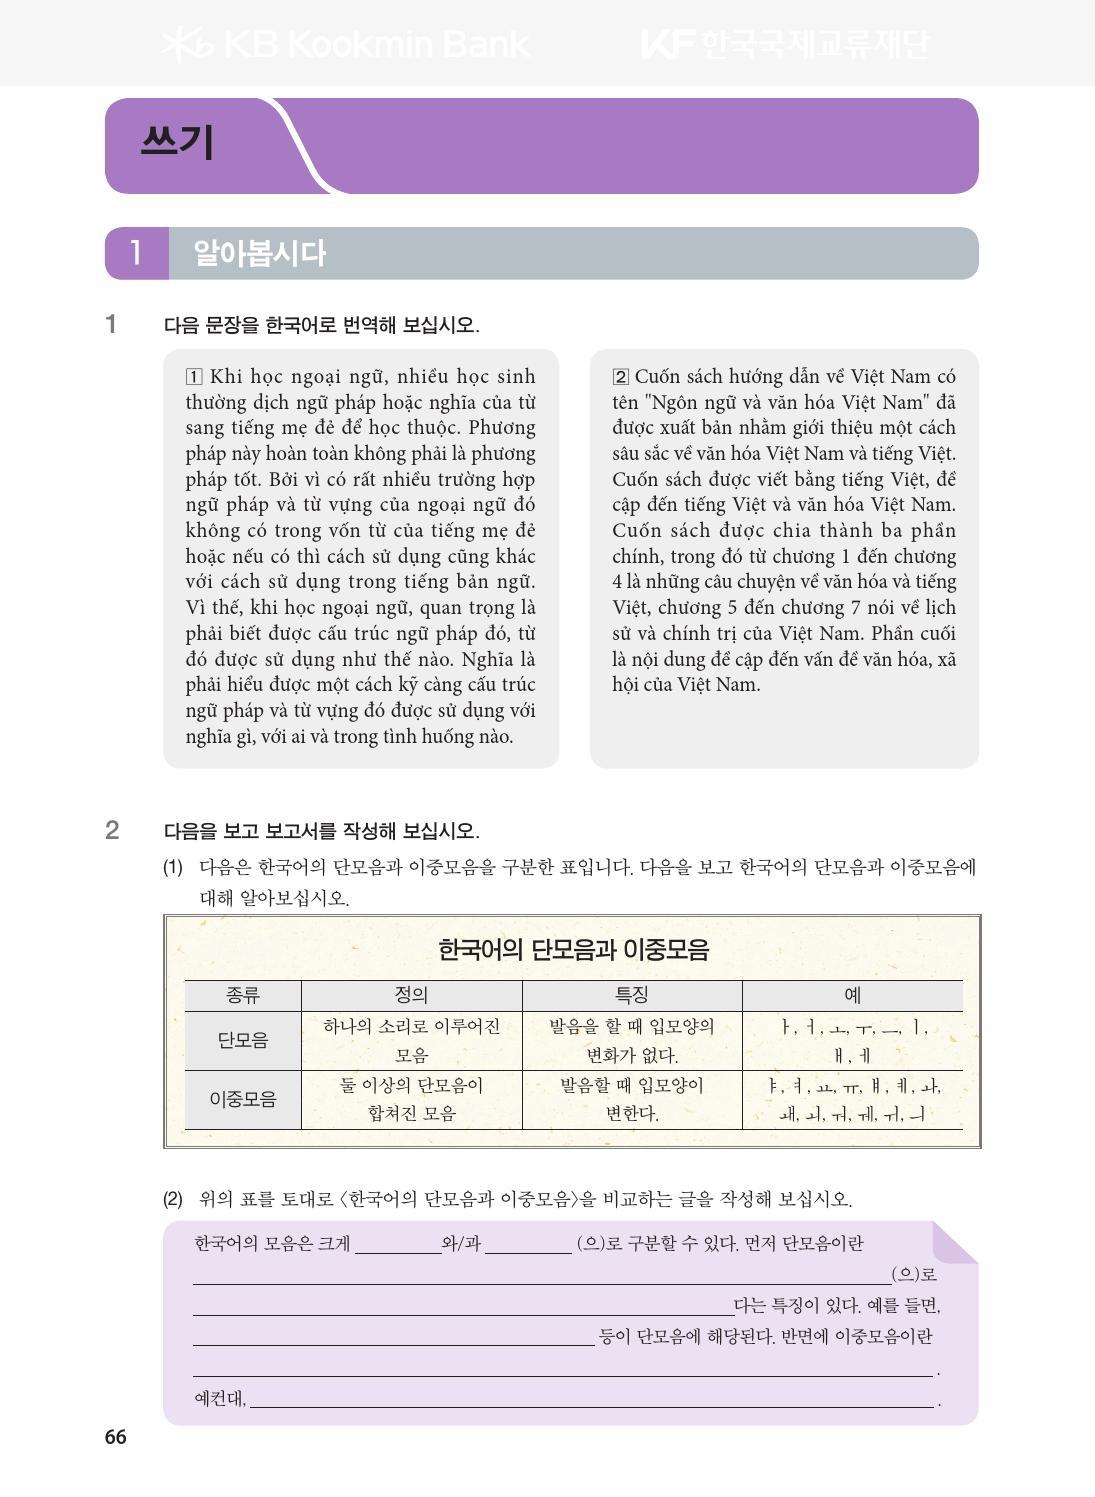 베트남인을 위한 종합 한국어 6권 by The Korea Foundation - issuu